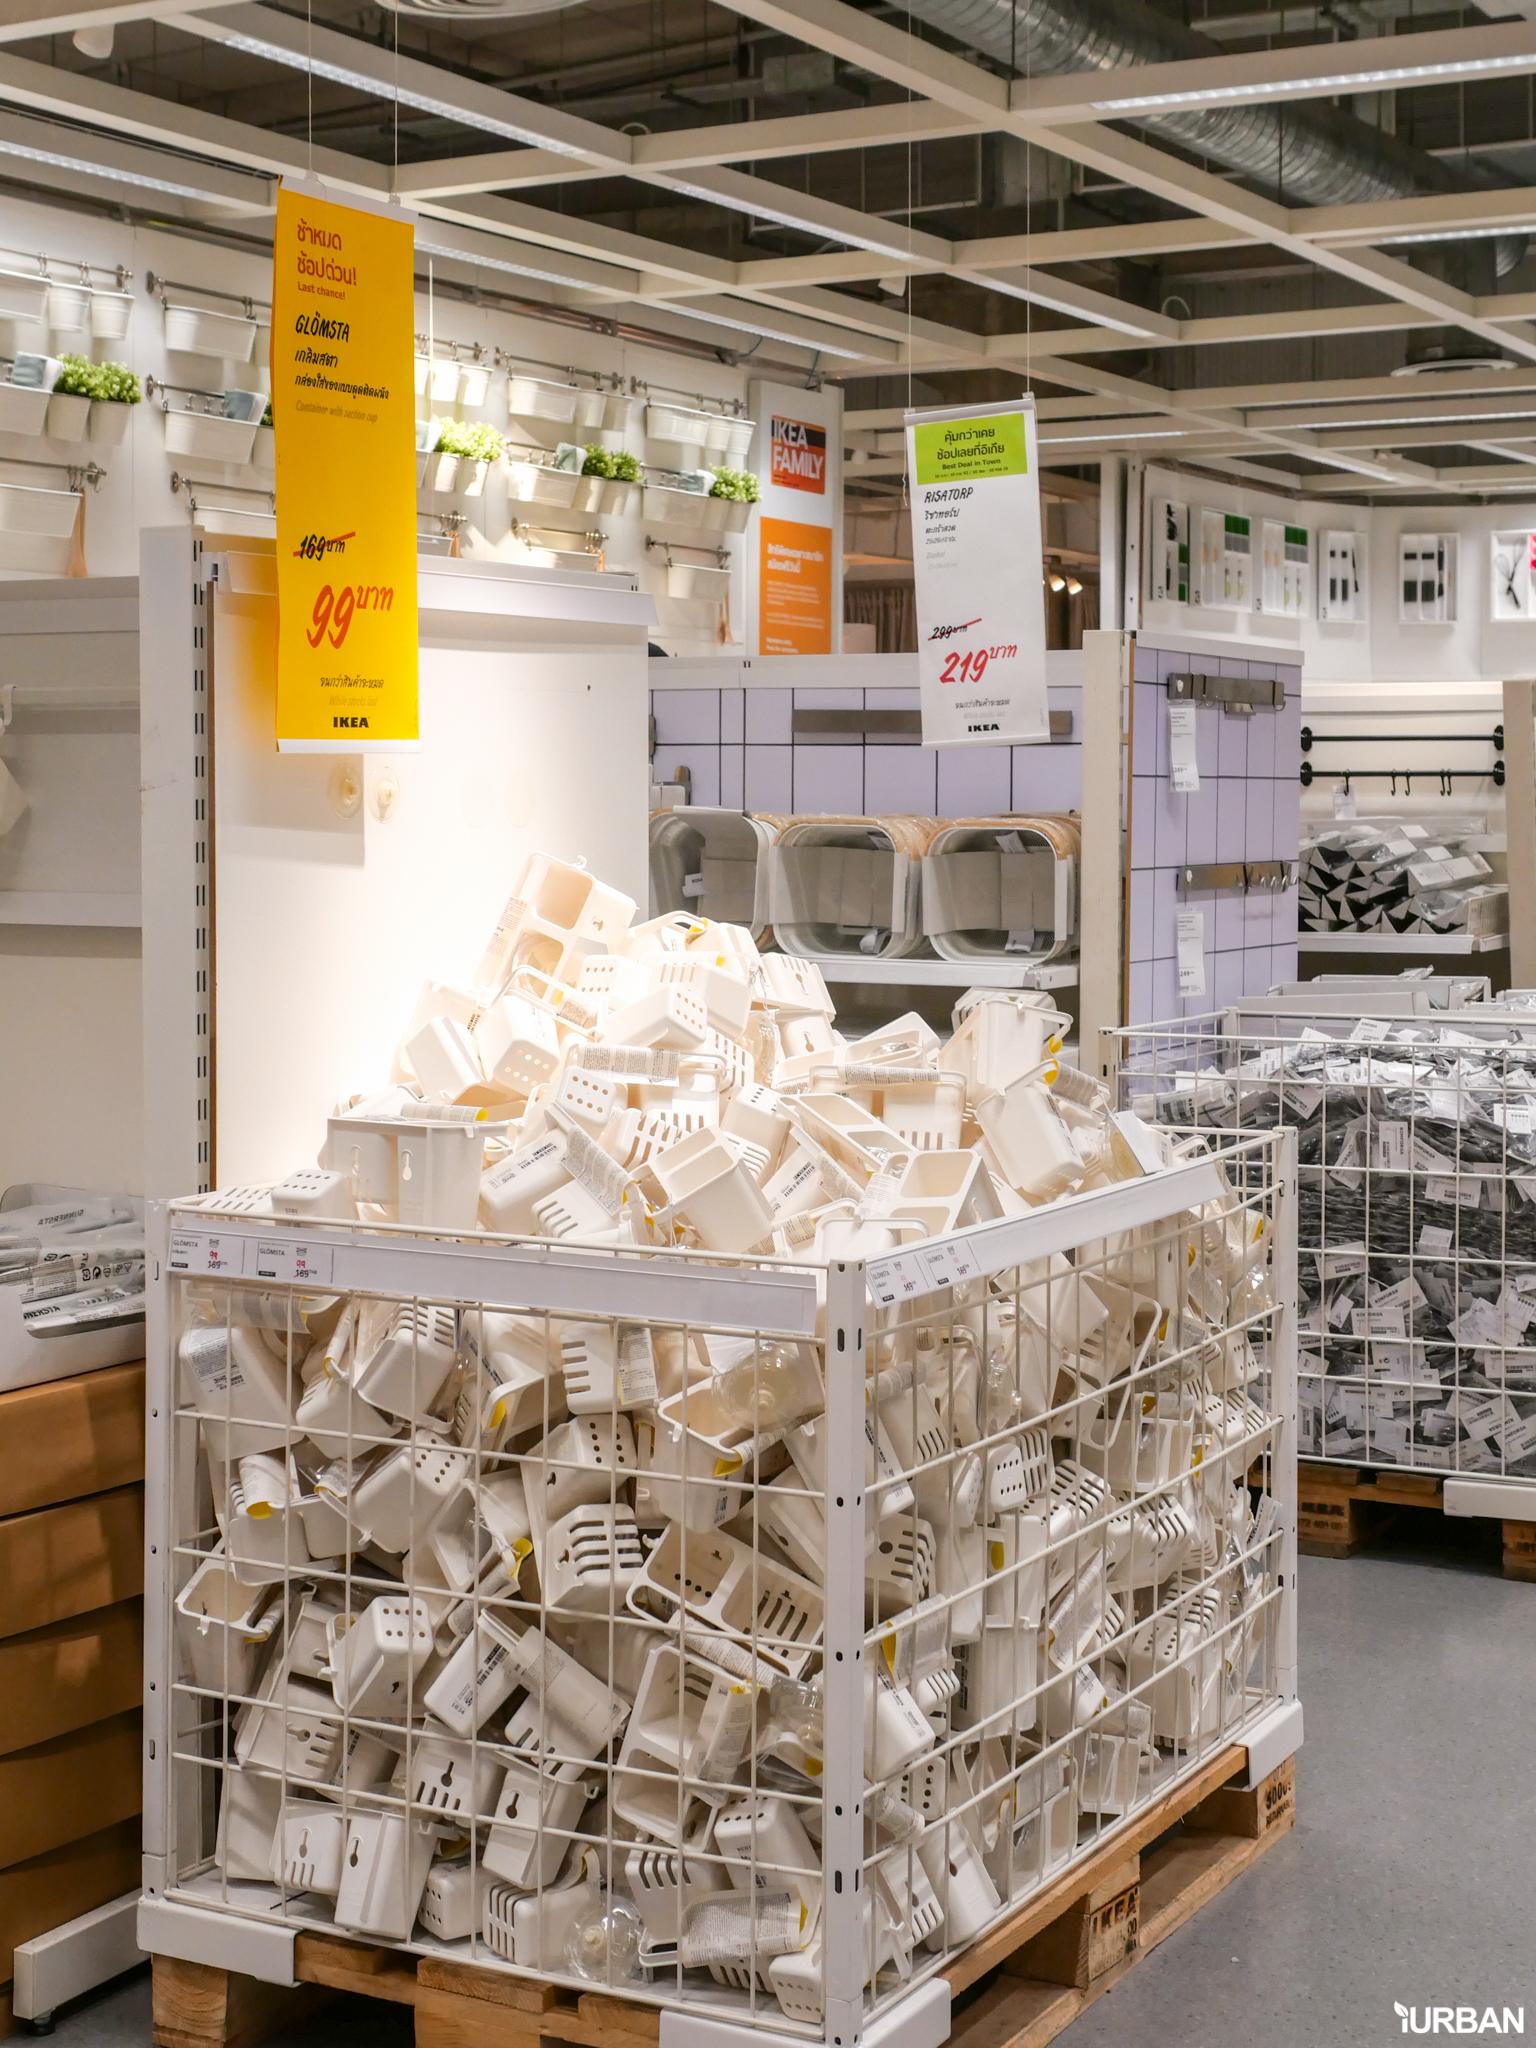 9 เหตุผลที่คนเลือกชุดครัวอิเกีย และโอกาสที่จะมีครัวในฝัน IKEA METOD/เมท็อด โปรนี้ดีที่สุดแล้ว #ถึง17มีนา 92 - IKEA (อิเกีย)